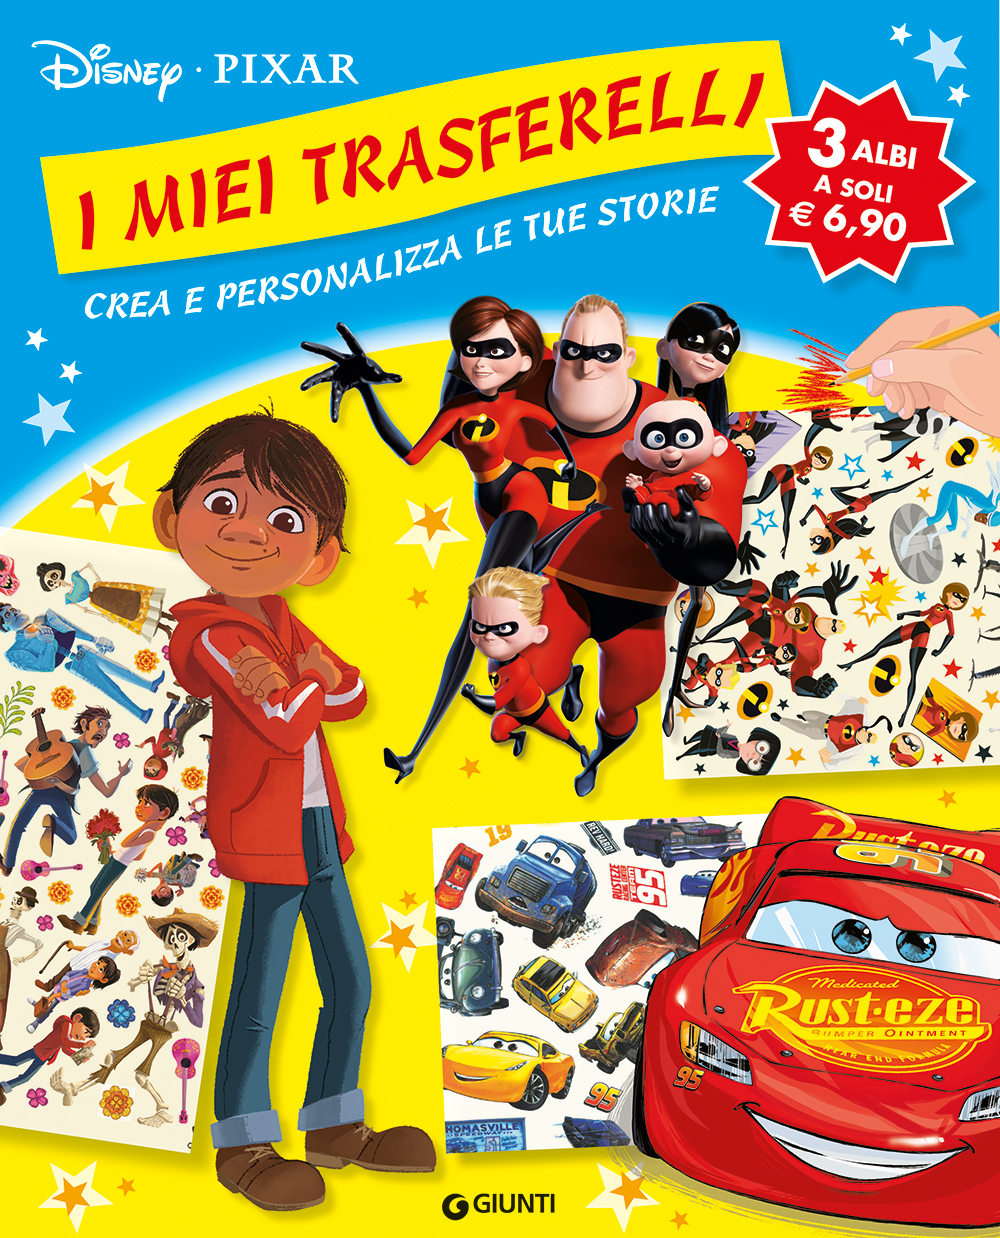 Miei Trasferelli Disney Pixar